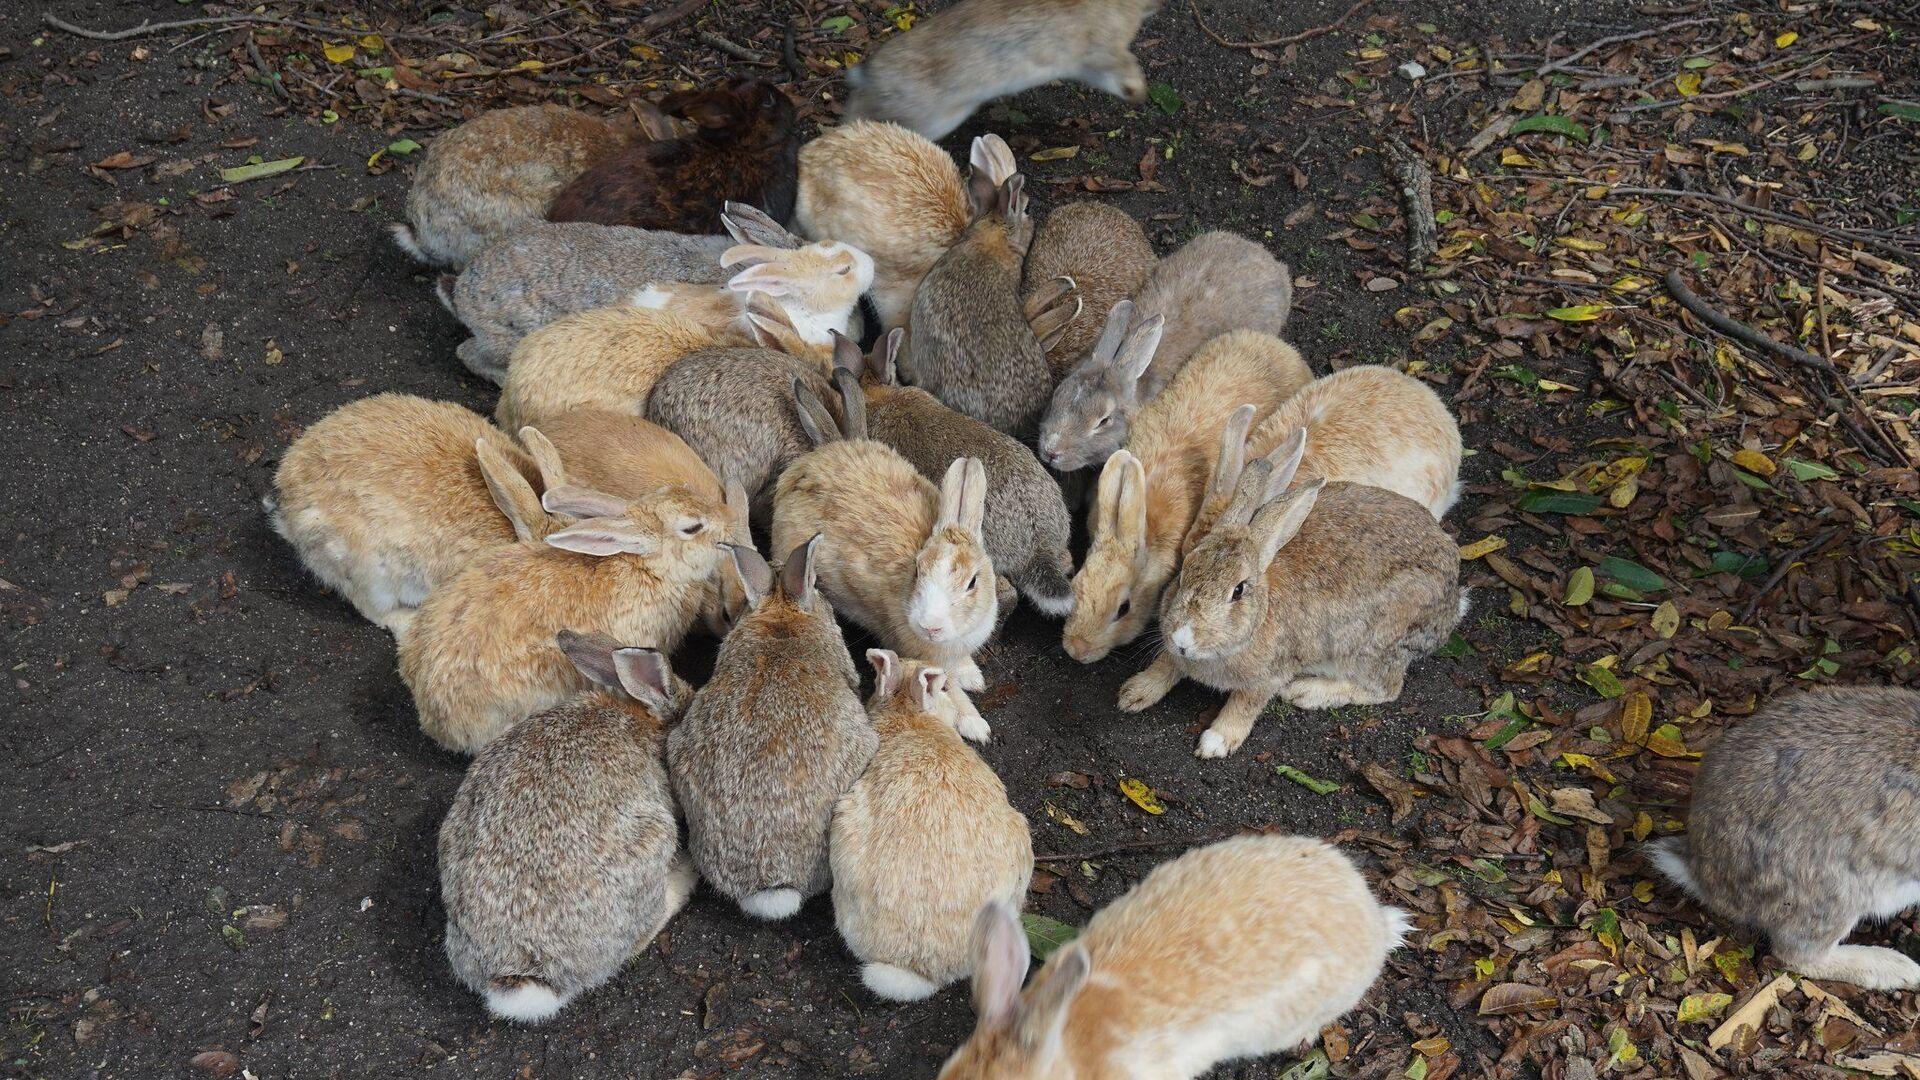 Más de 700 conejos viven en la isla de Okunoshima - Sputnik Mundo, 1920, 18.02.2021